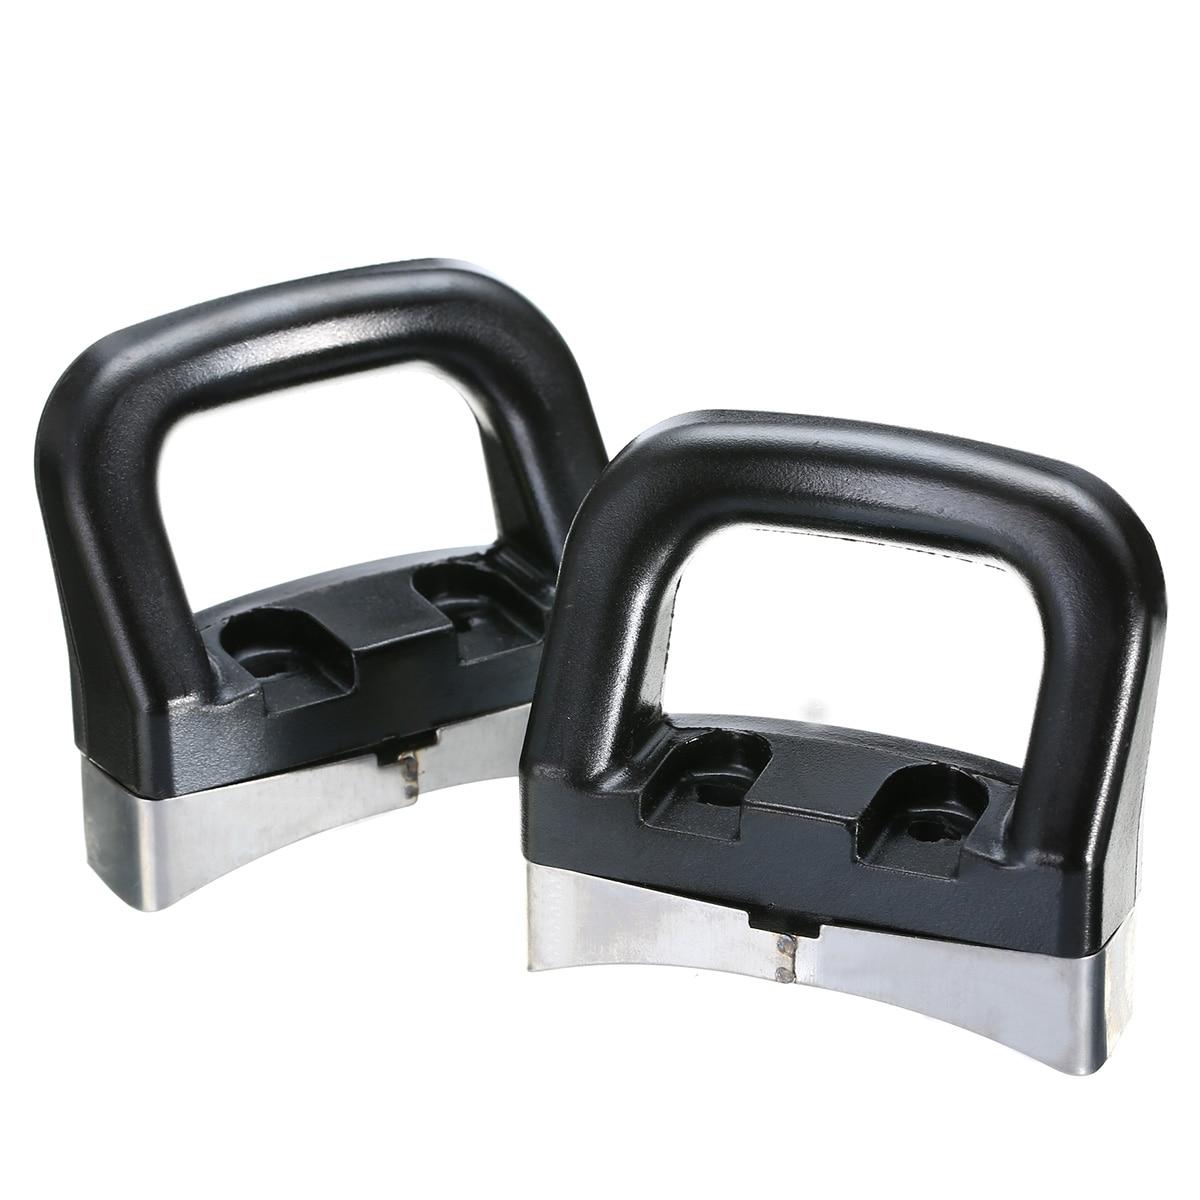 2pcs Replacement Steamer Side Handles Short Helper for Cooker Steamer Stockpot Pan Pot Cookware Accessories